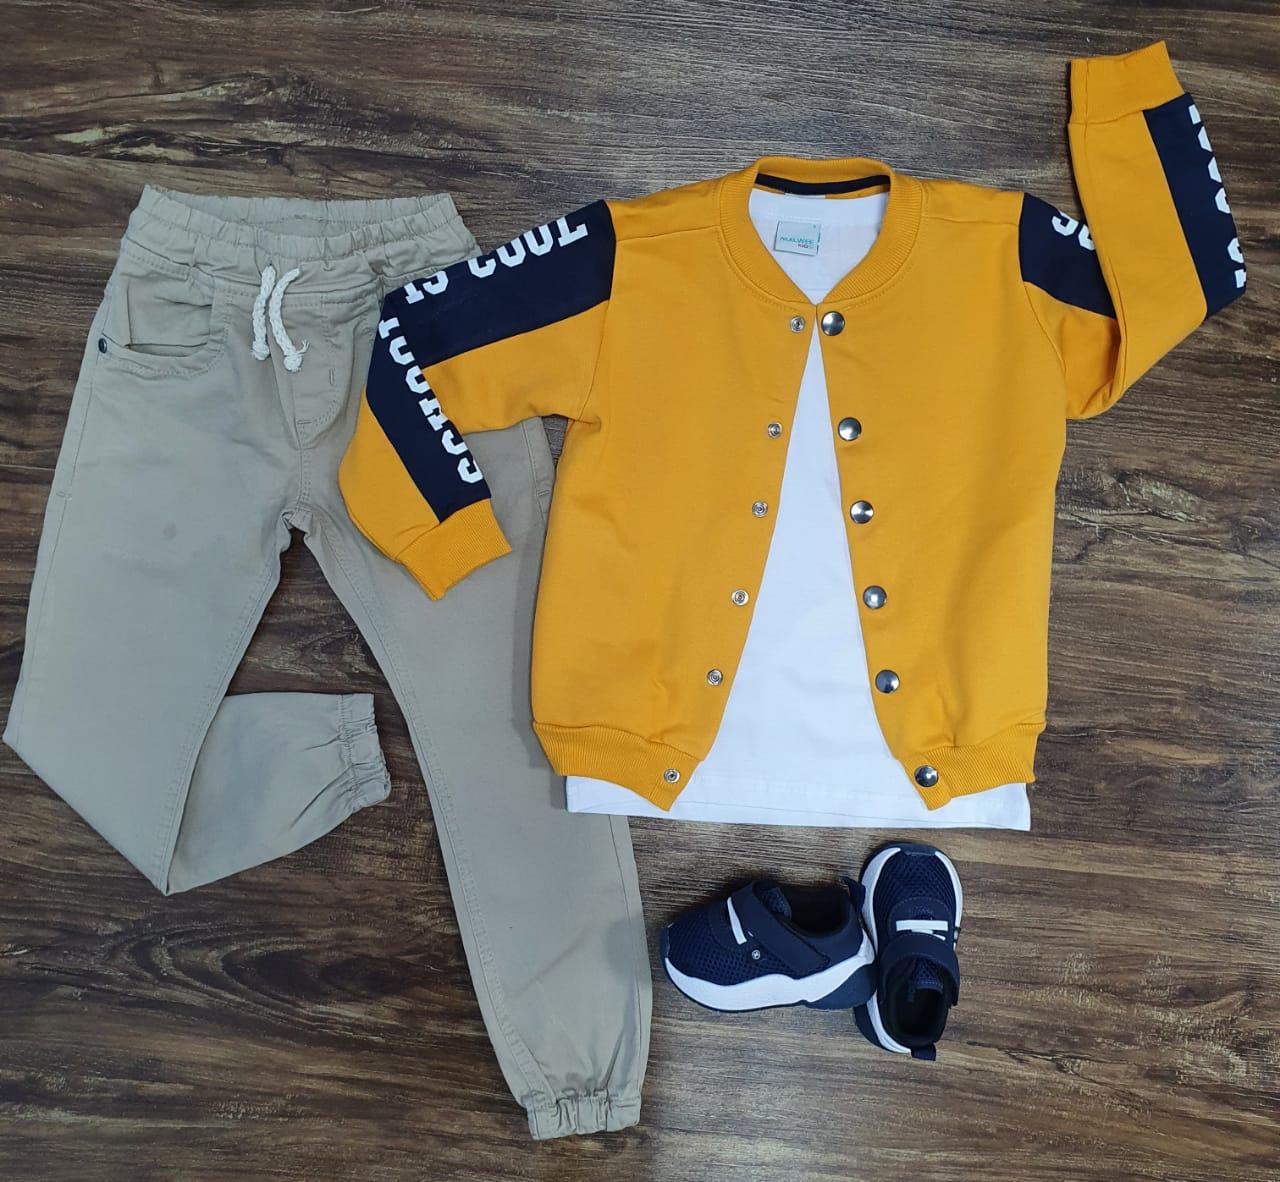 Calça Jogger com Jaqueta Moletom Amarela e Camiseta Infantil